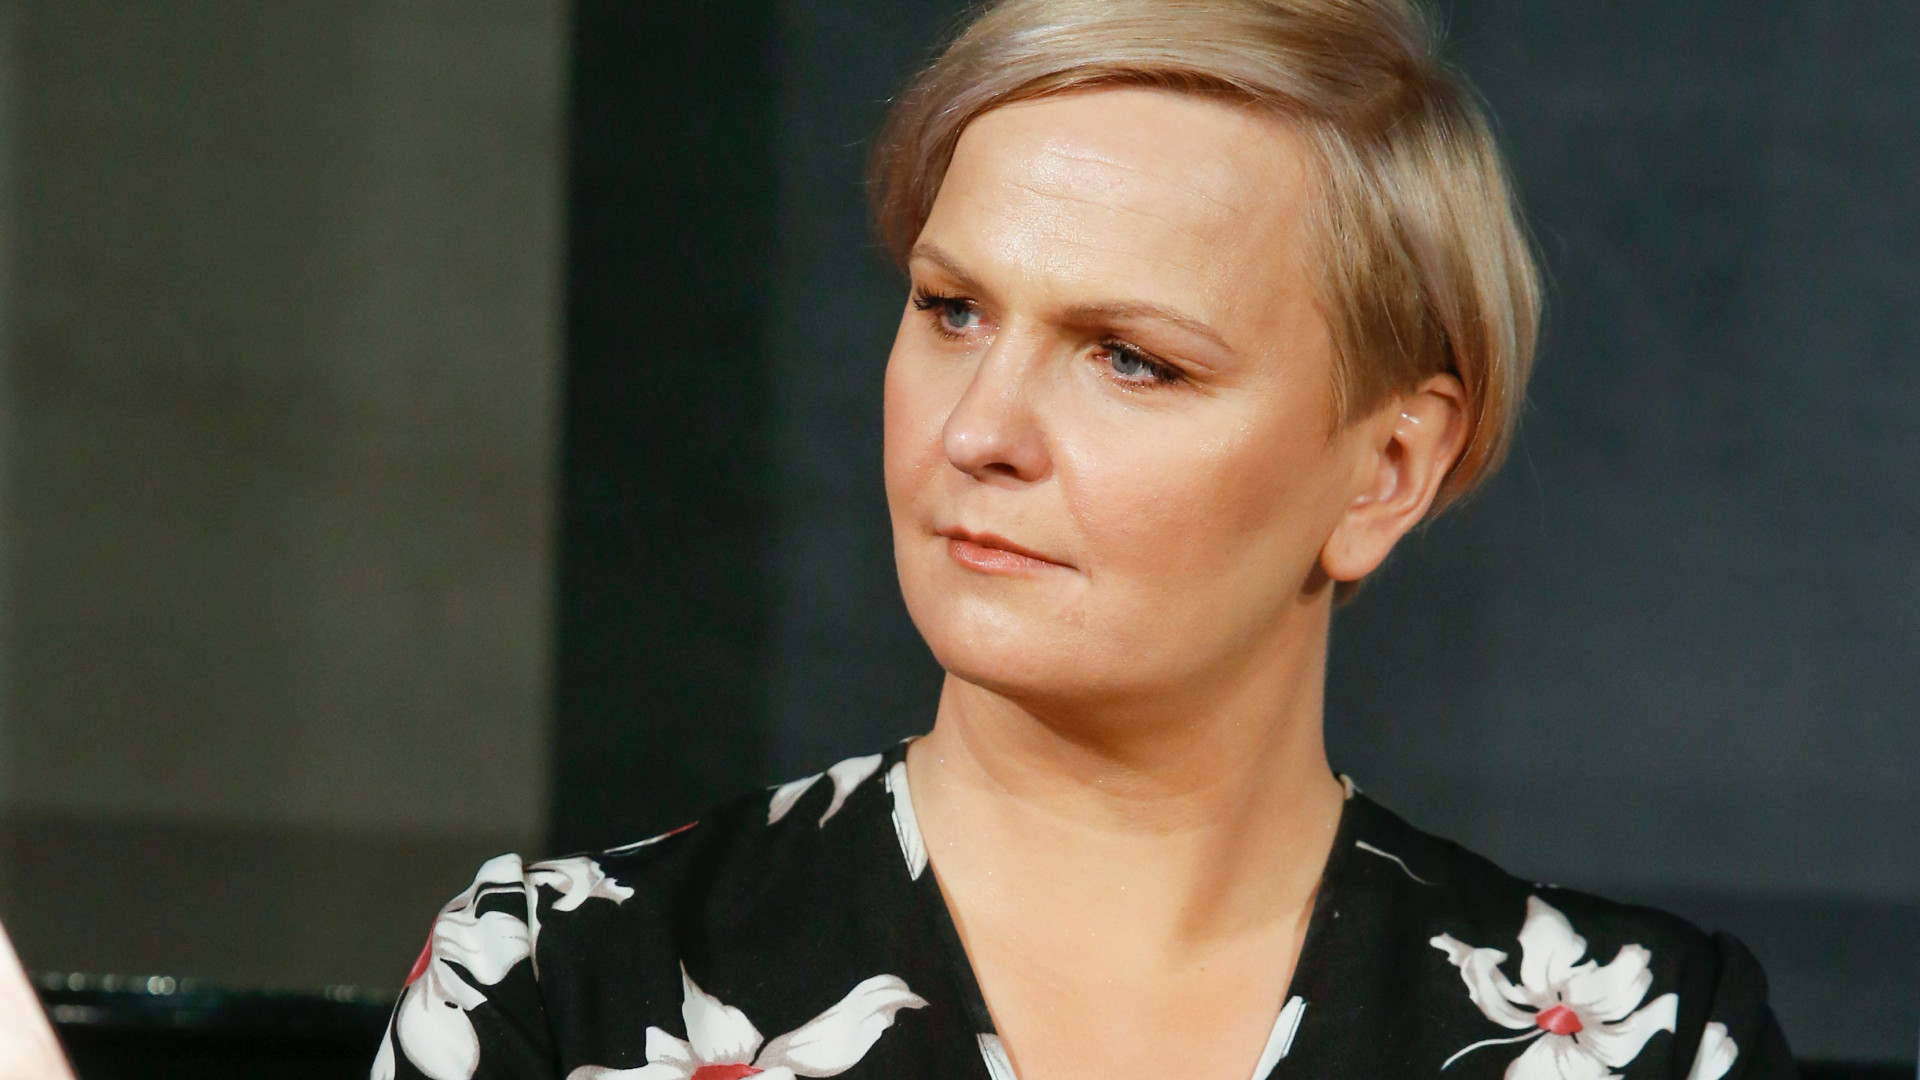 """Otylia Jędrzejczak szczerze o stracie dziecka. """"Mój partner nie przyjechał do szpitala, gdy poroniłam"""""""